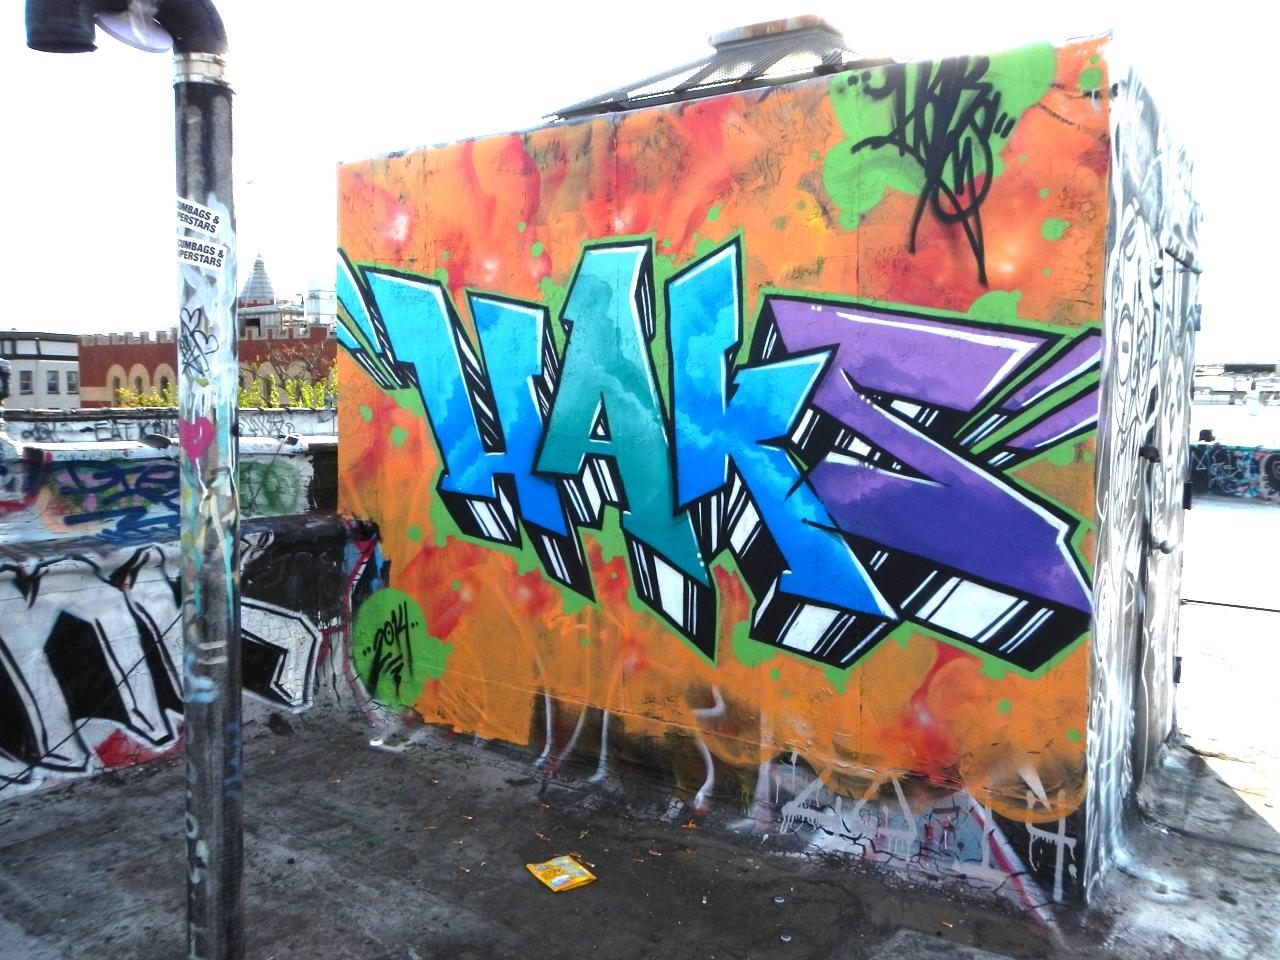 walls_04.jpg